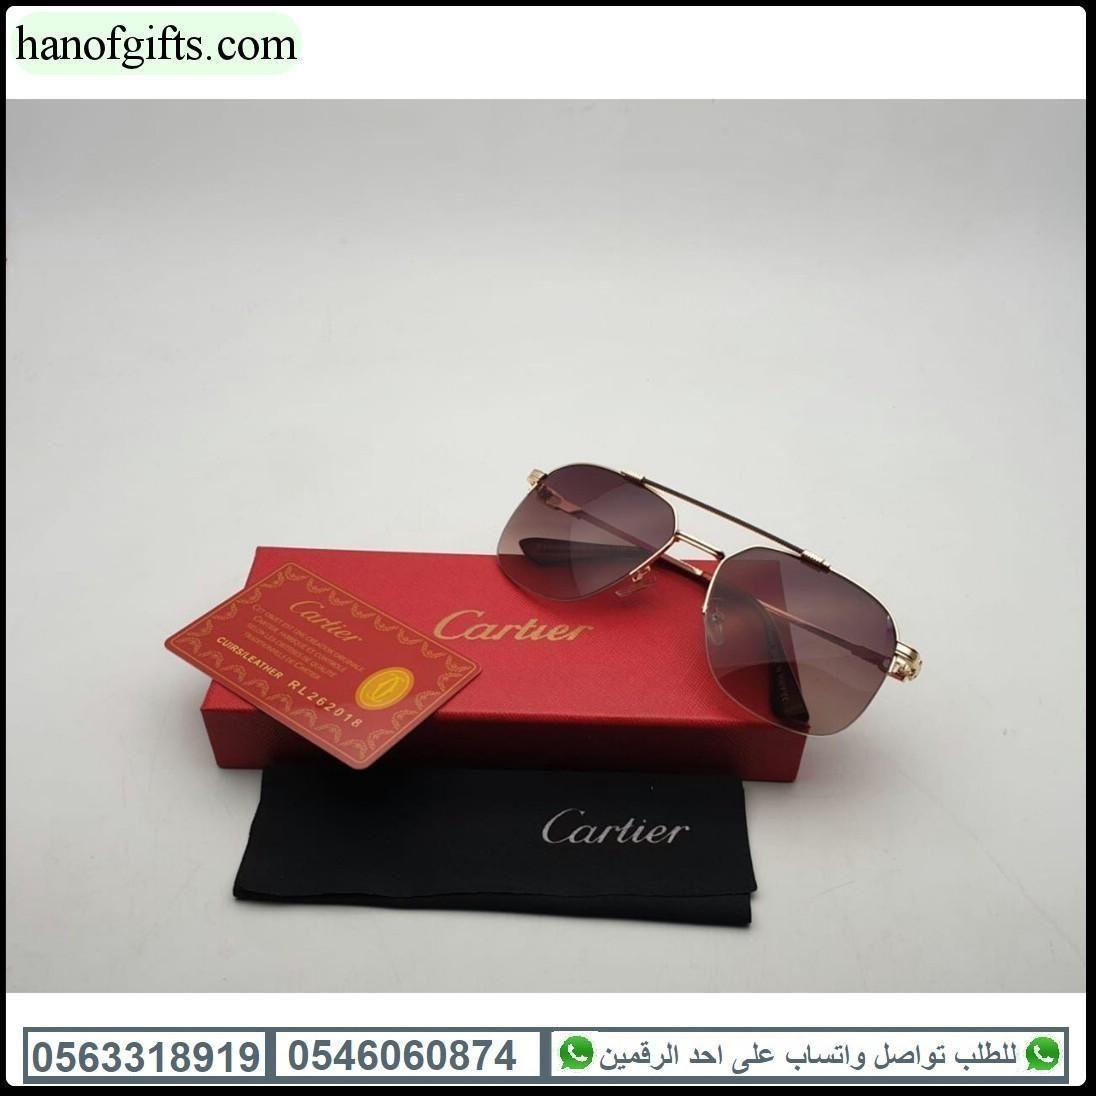 نظارة كارتير رجالي مع الملحقات المميزة بنفس اسم الماركه هدايا هنوف Sunglasses Glasses Fashion